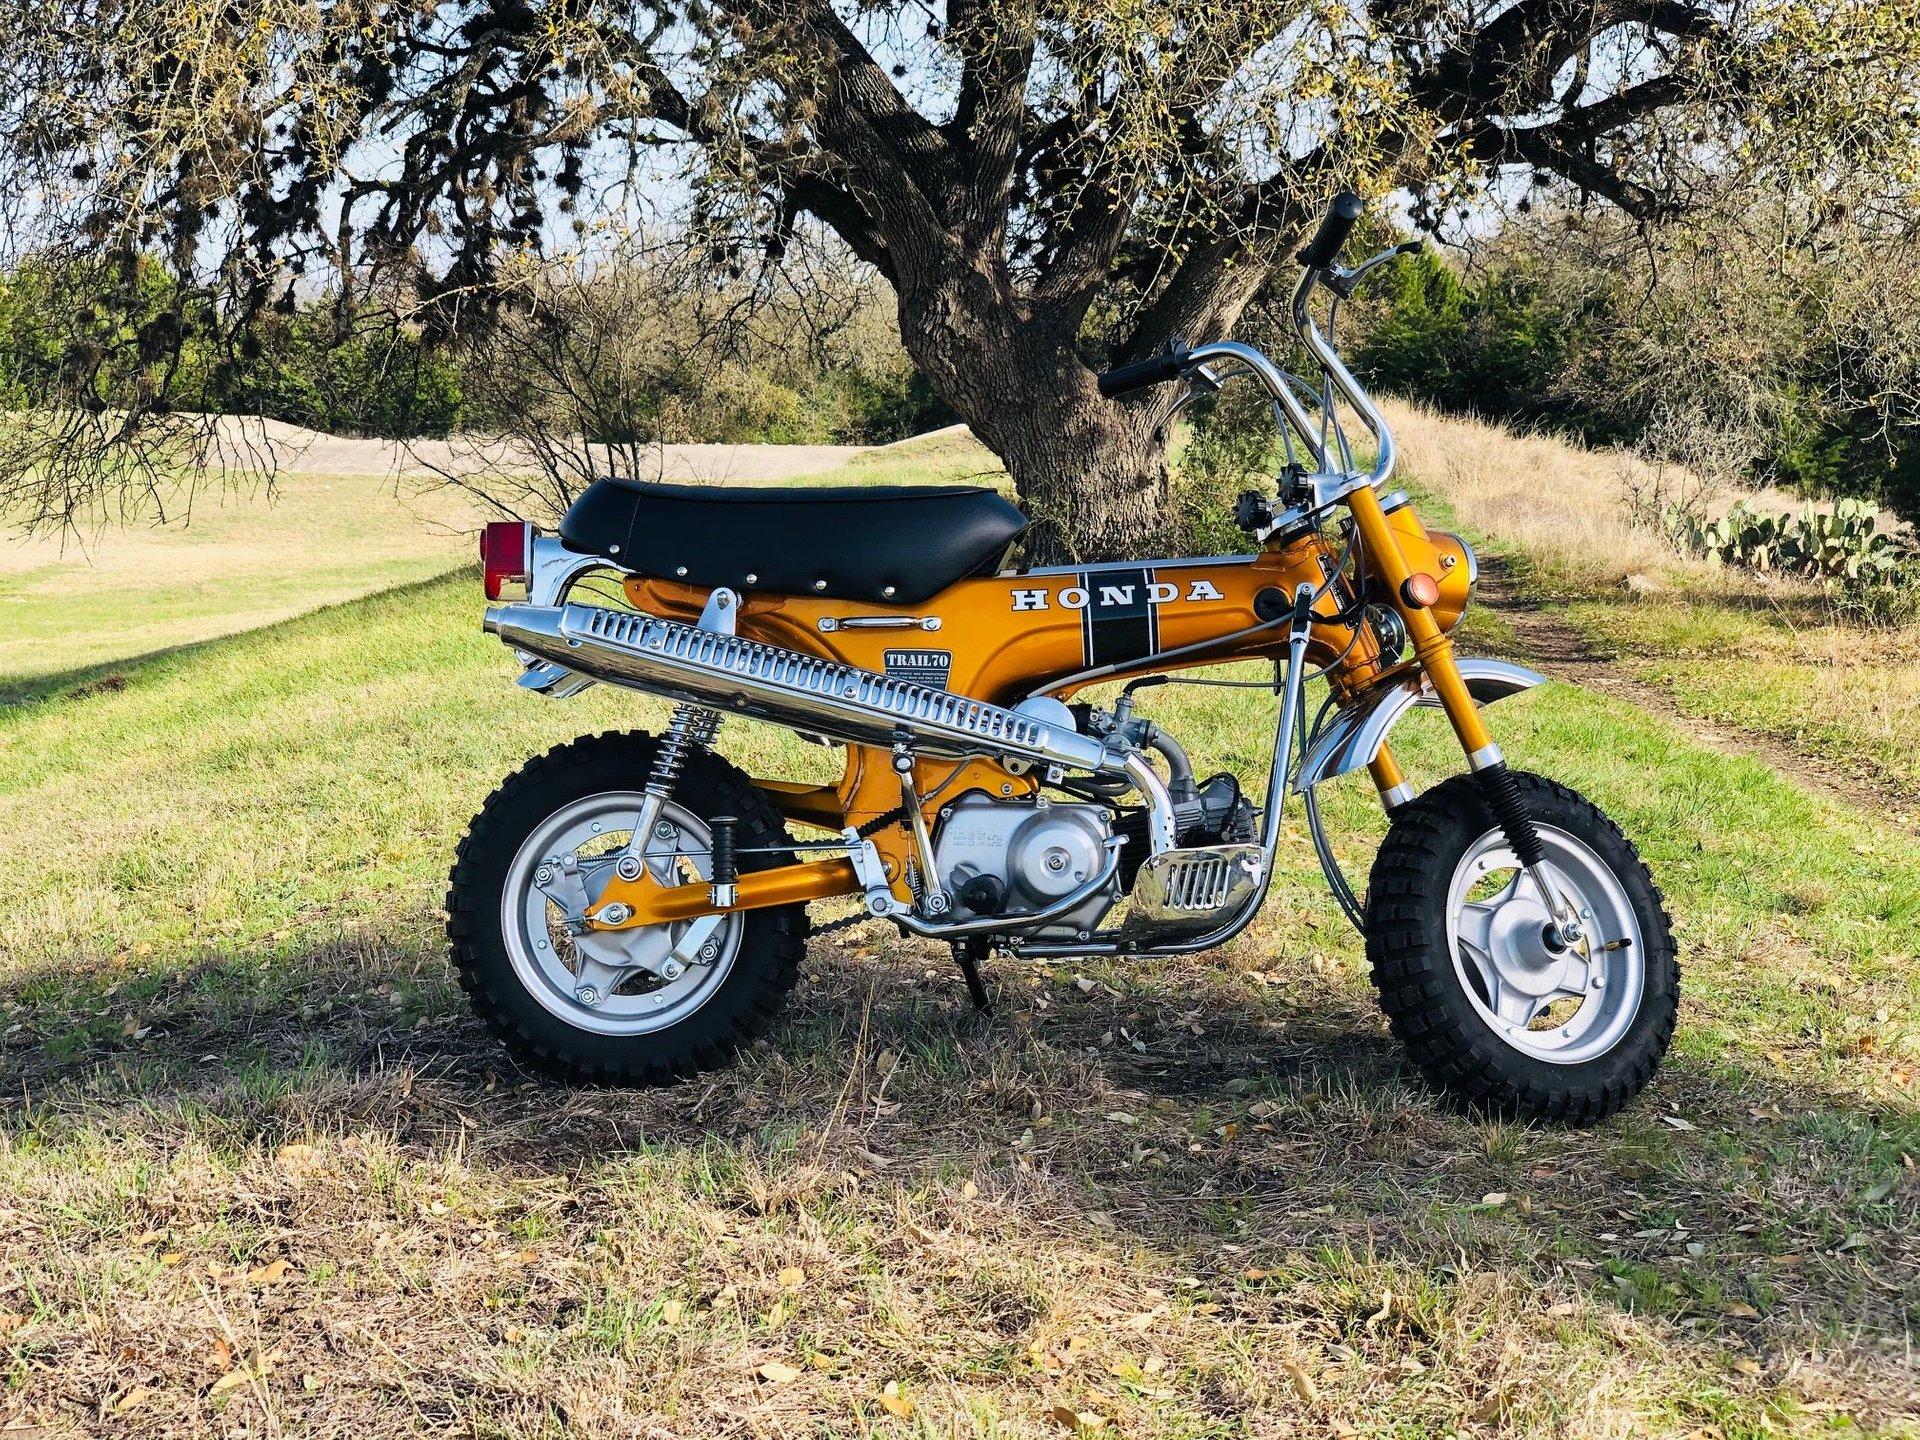 1970 honda ct 70 minibike